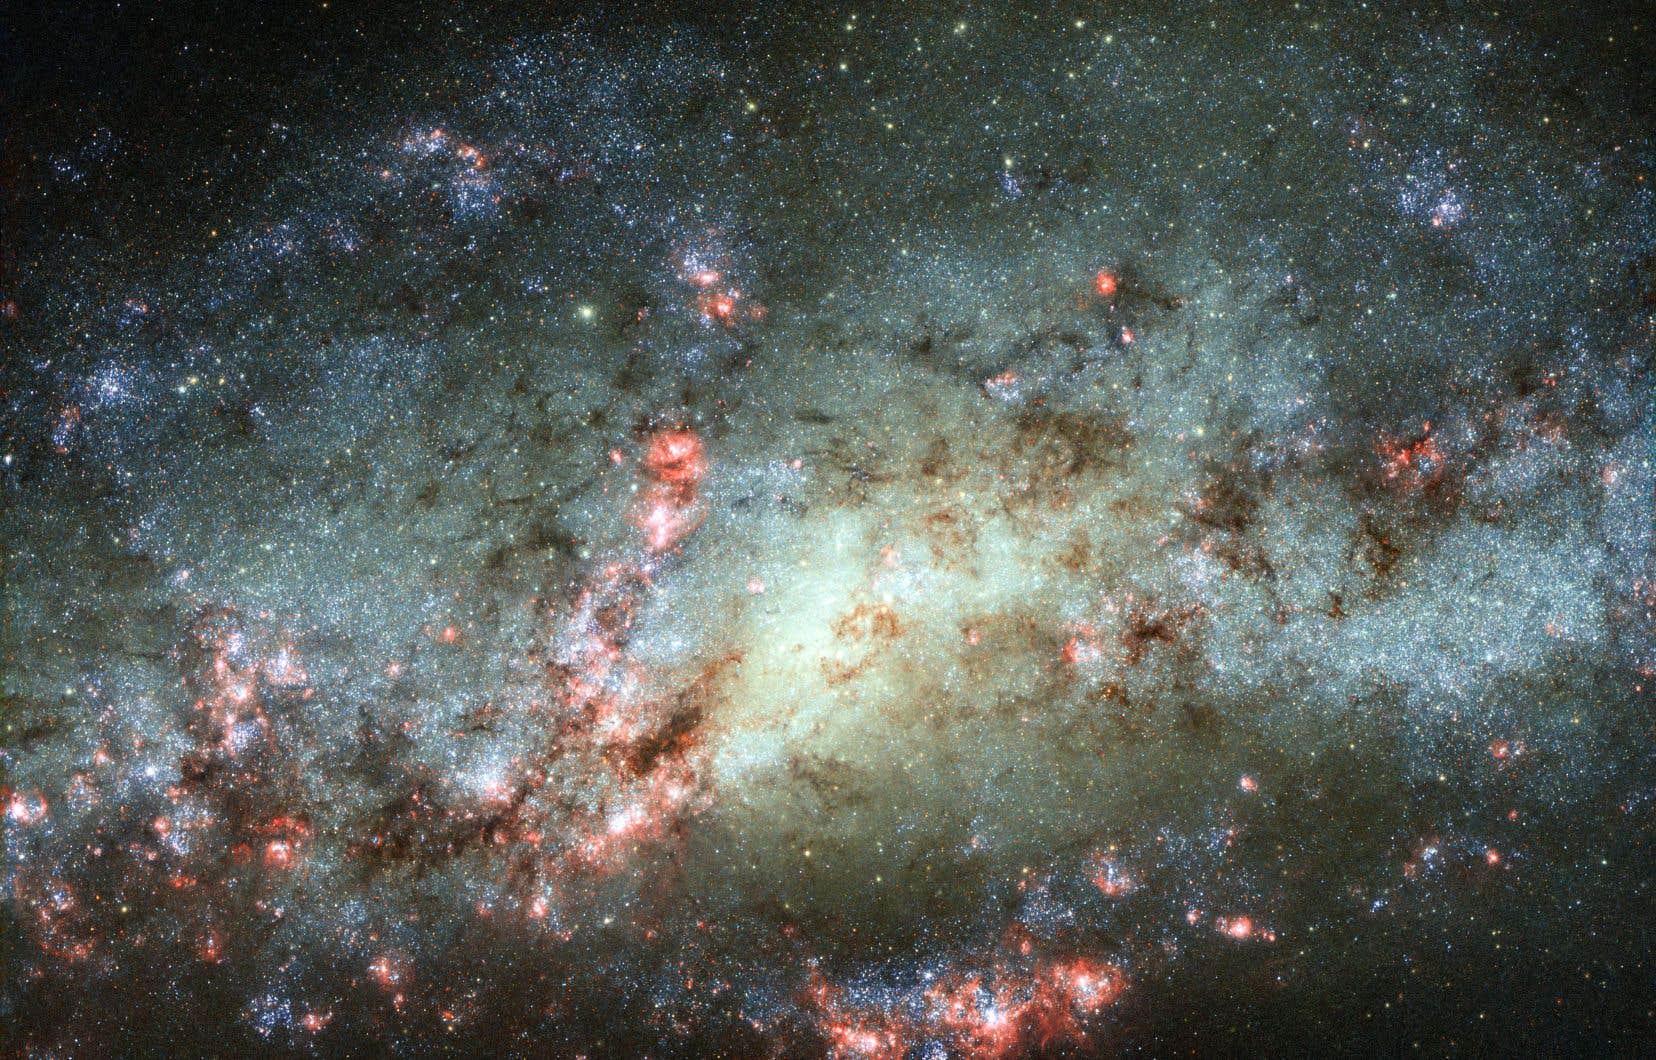 Vue de la galaxie NGC 4490 grâce au téléscope Hubble